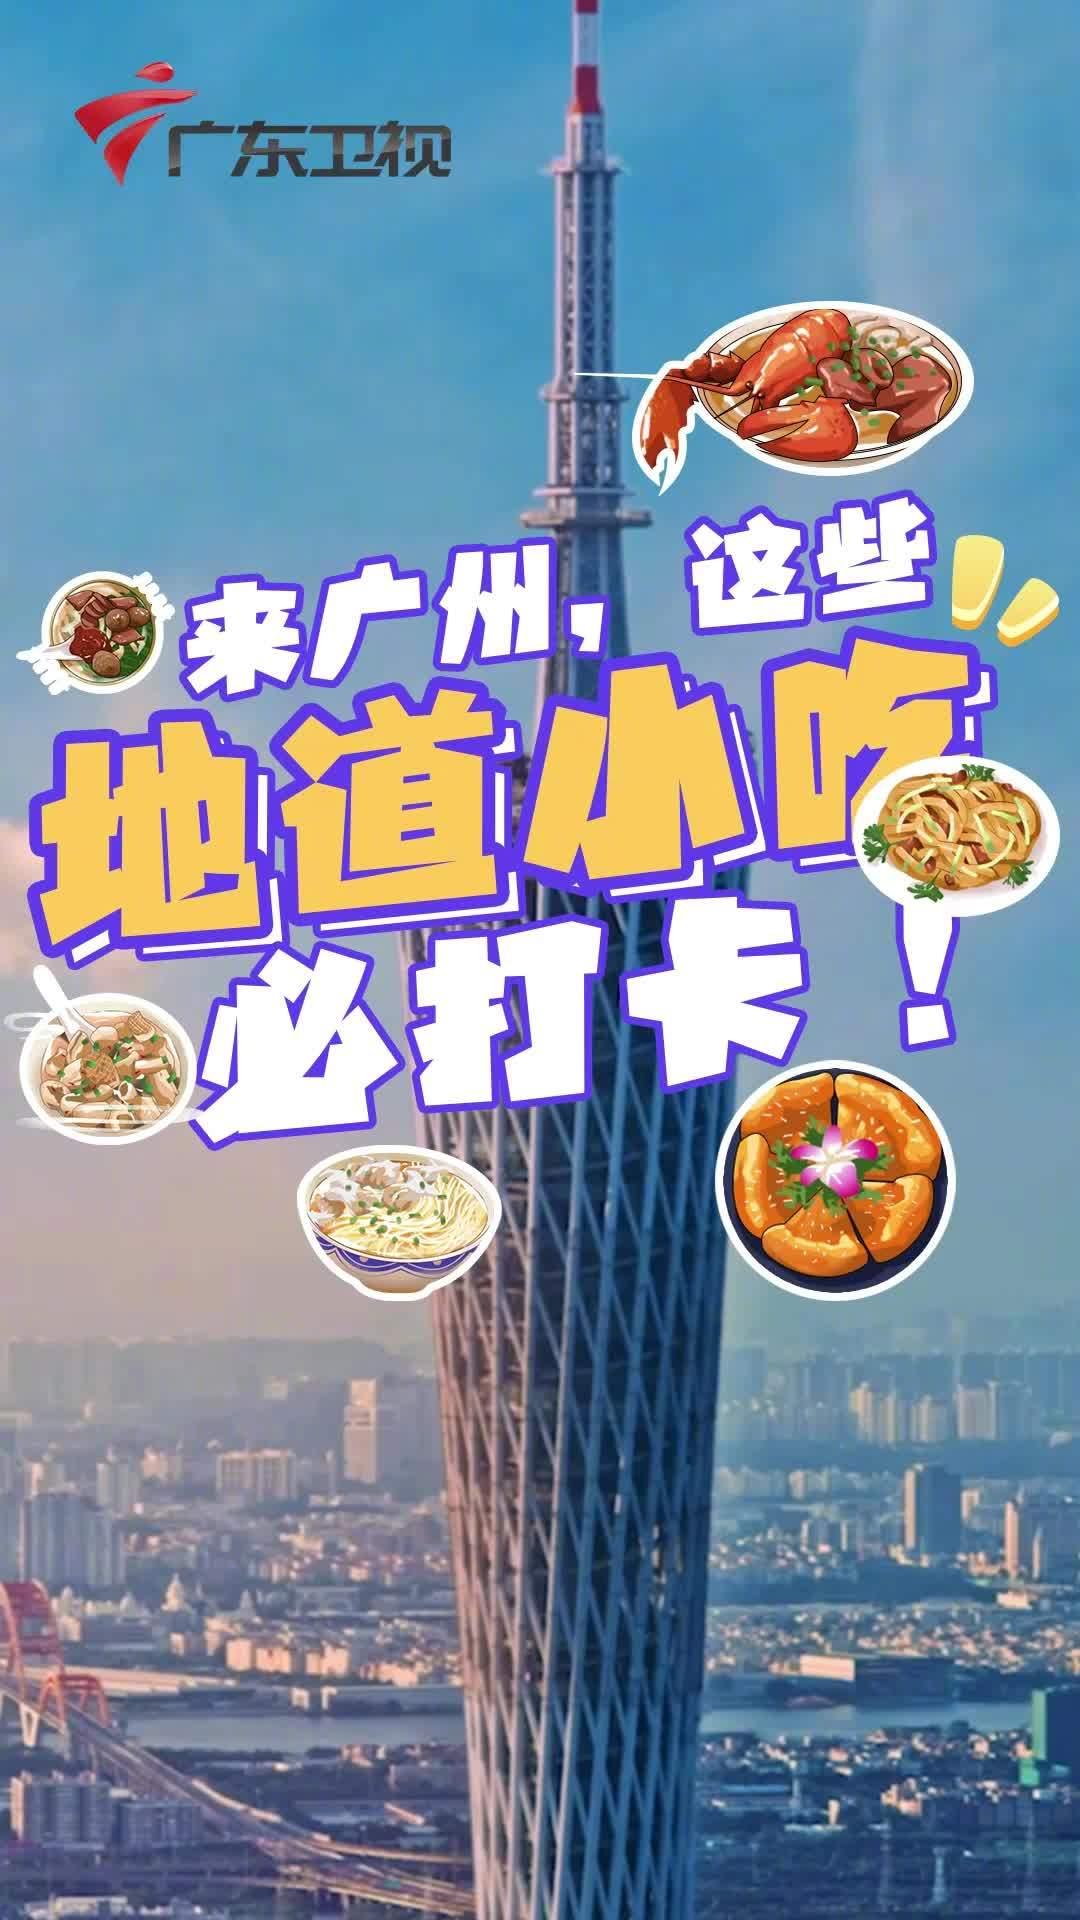 来广州,这些地道小吃必打卡!